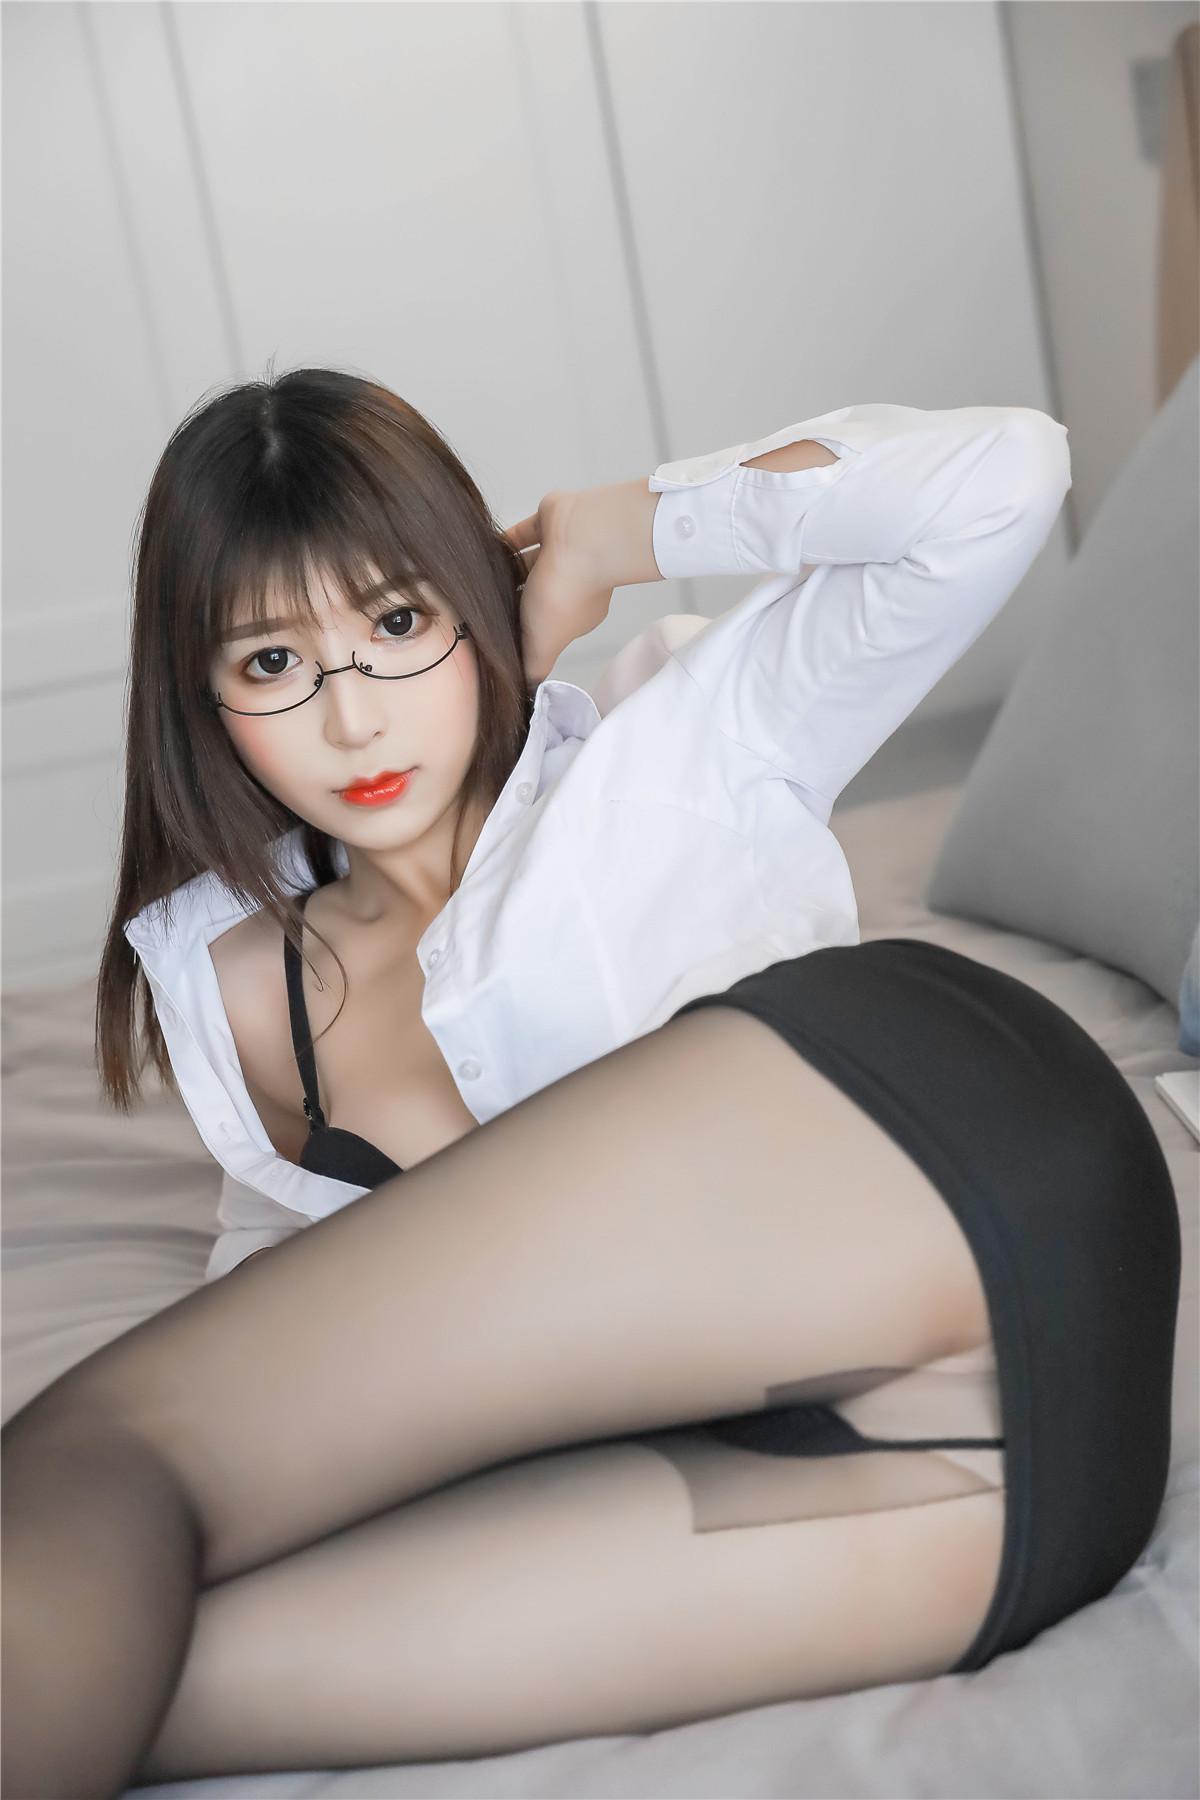 黑米粥私房写真女仆黑丝&OL制服在线看插图2